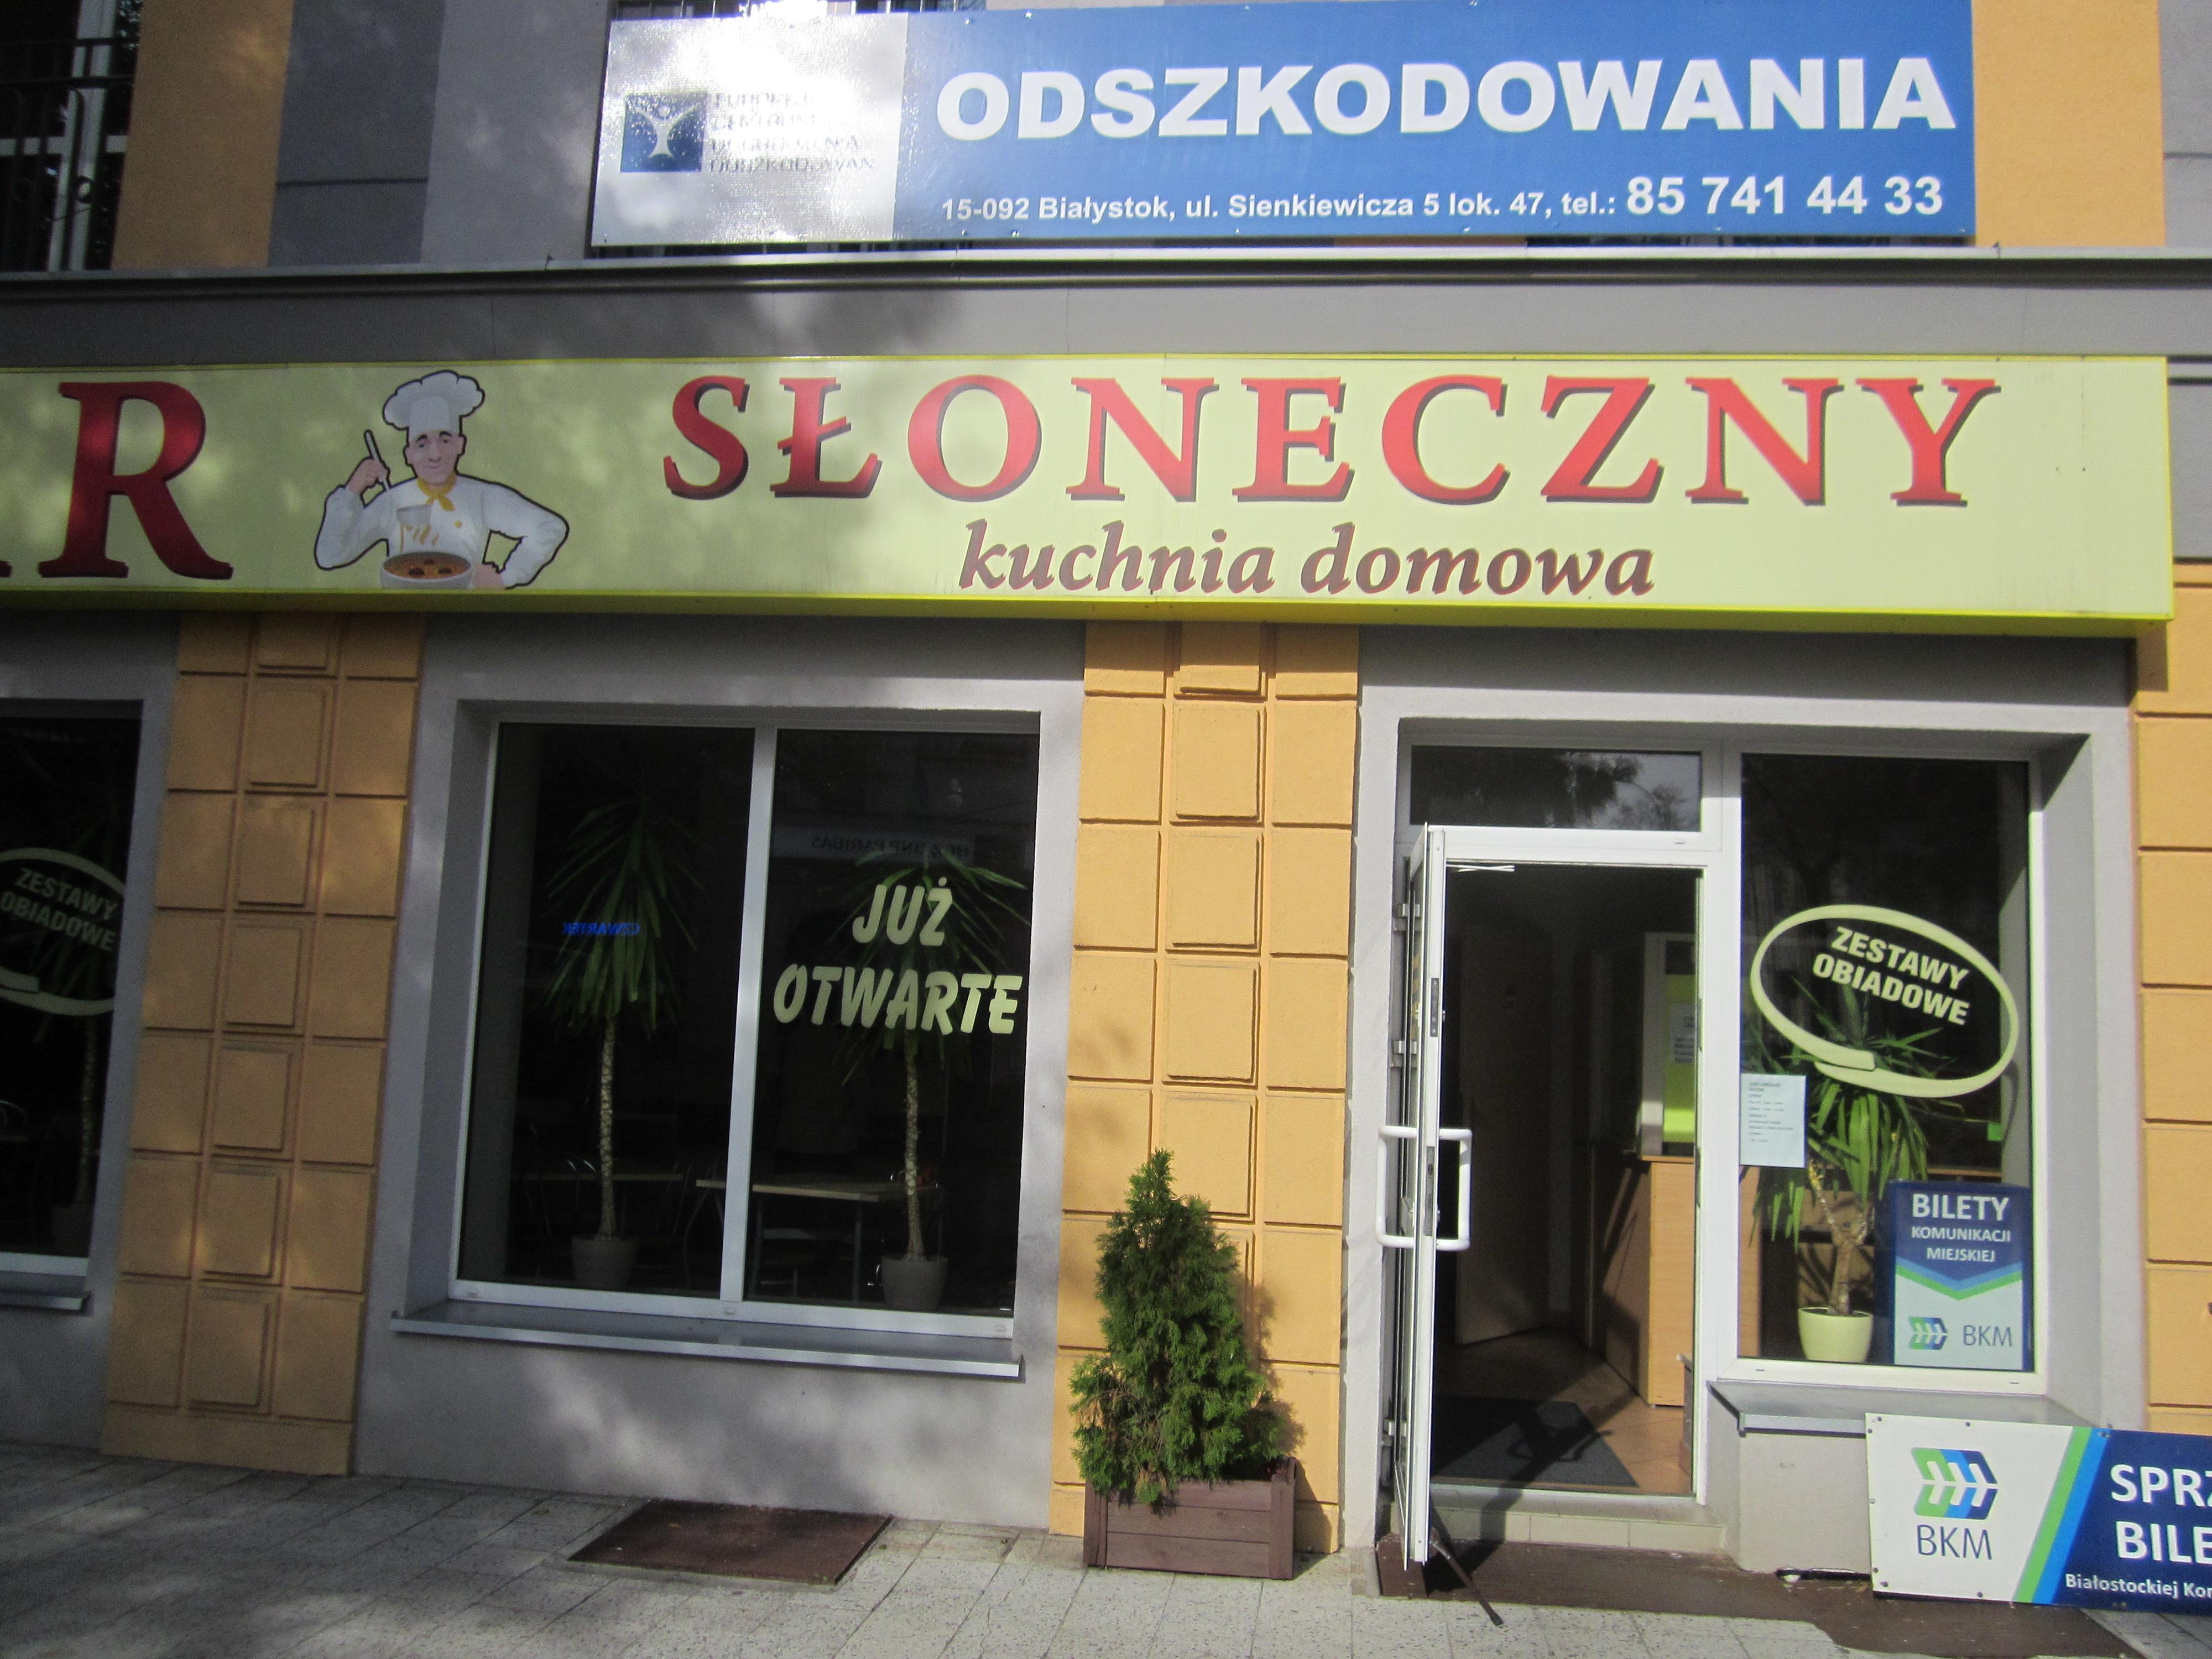 Filebar Słoneczny In Białystok Sienkiewiczajpg